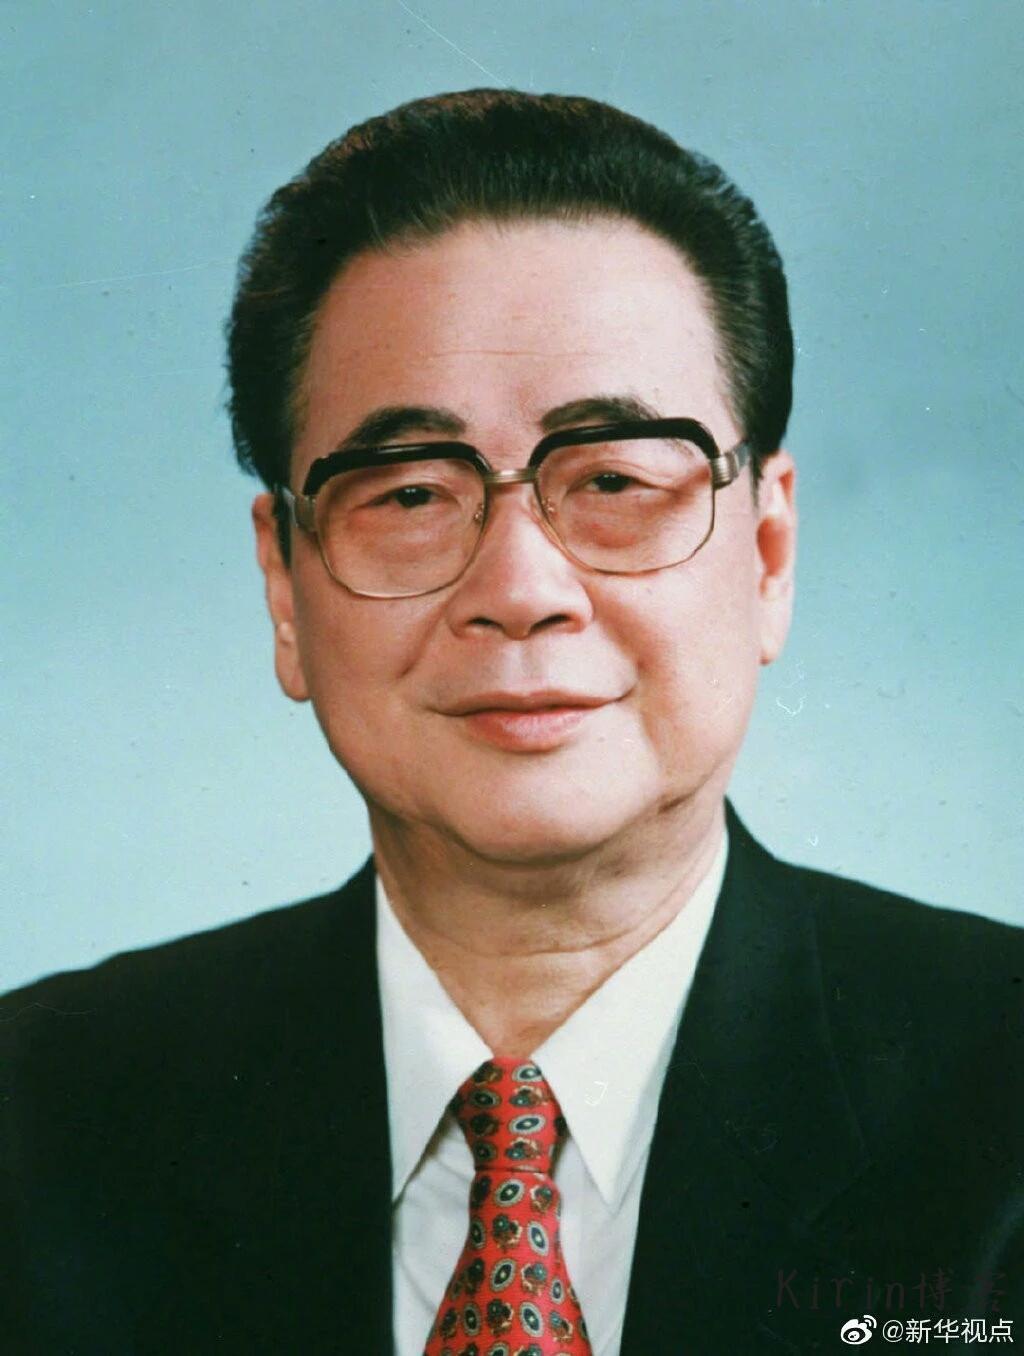 【社会关注】国务院原总理李鹏同志逝世